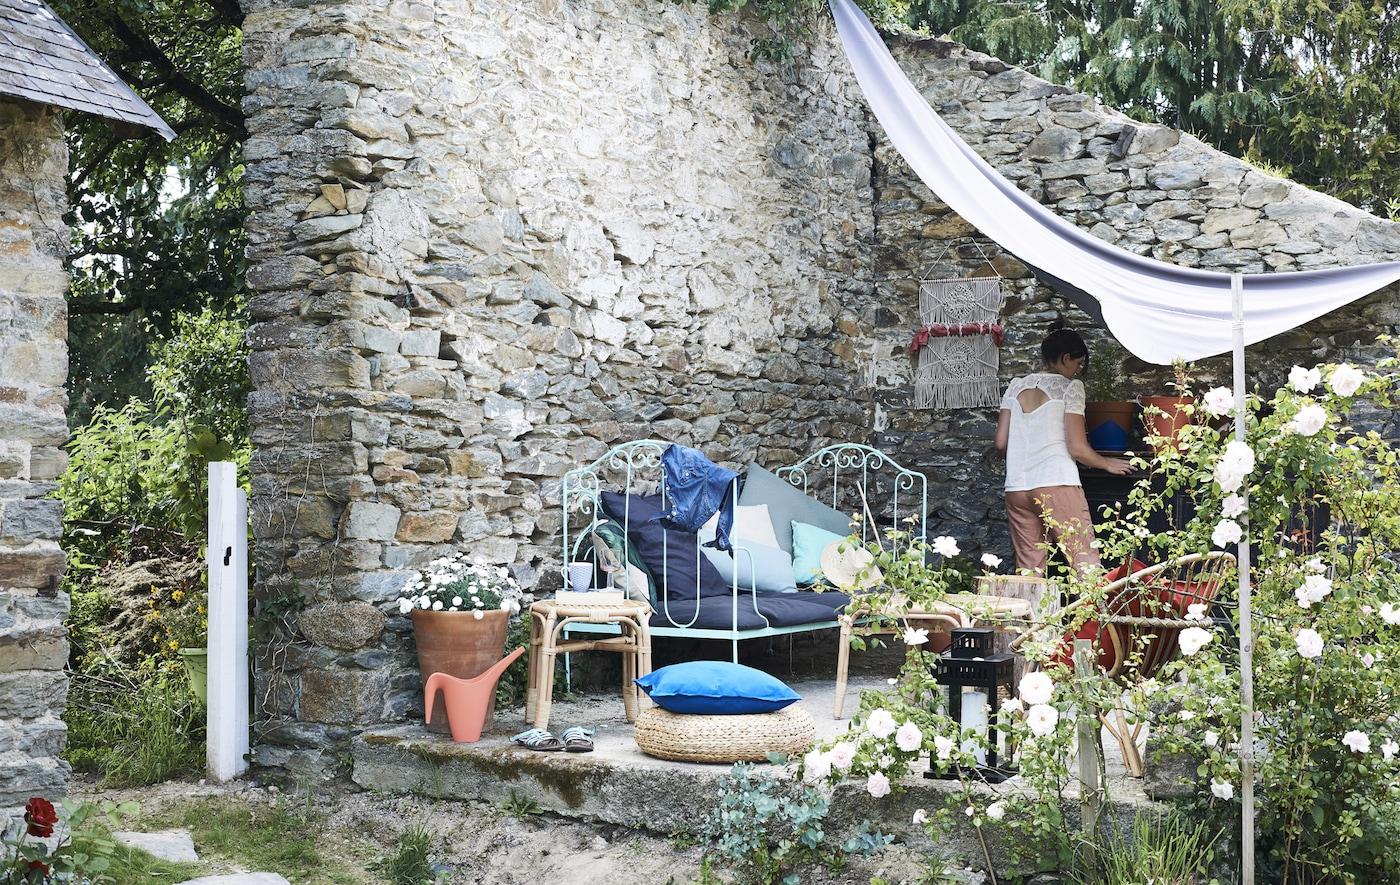 Banc, chaises et tables d'appoint garnis de coussins colorés dans un coin du jardin entouré de murs.